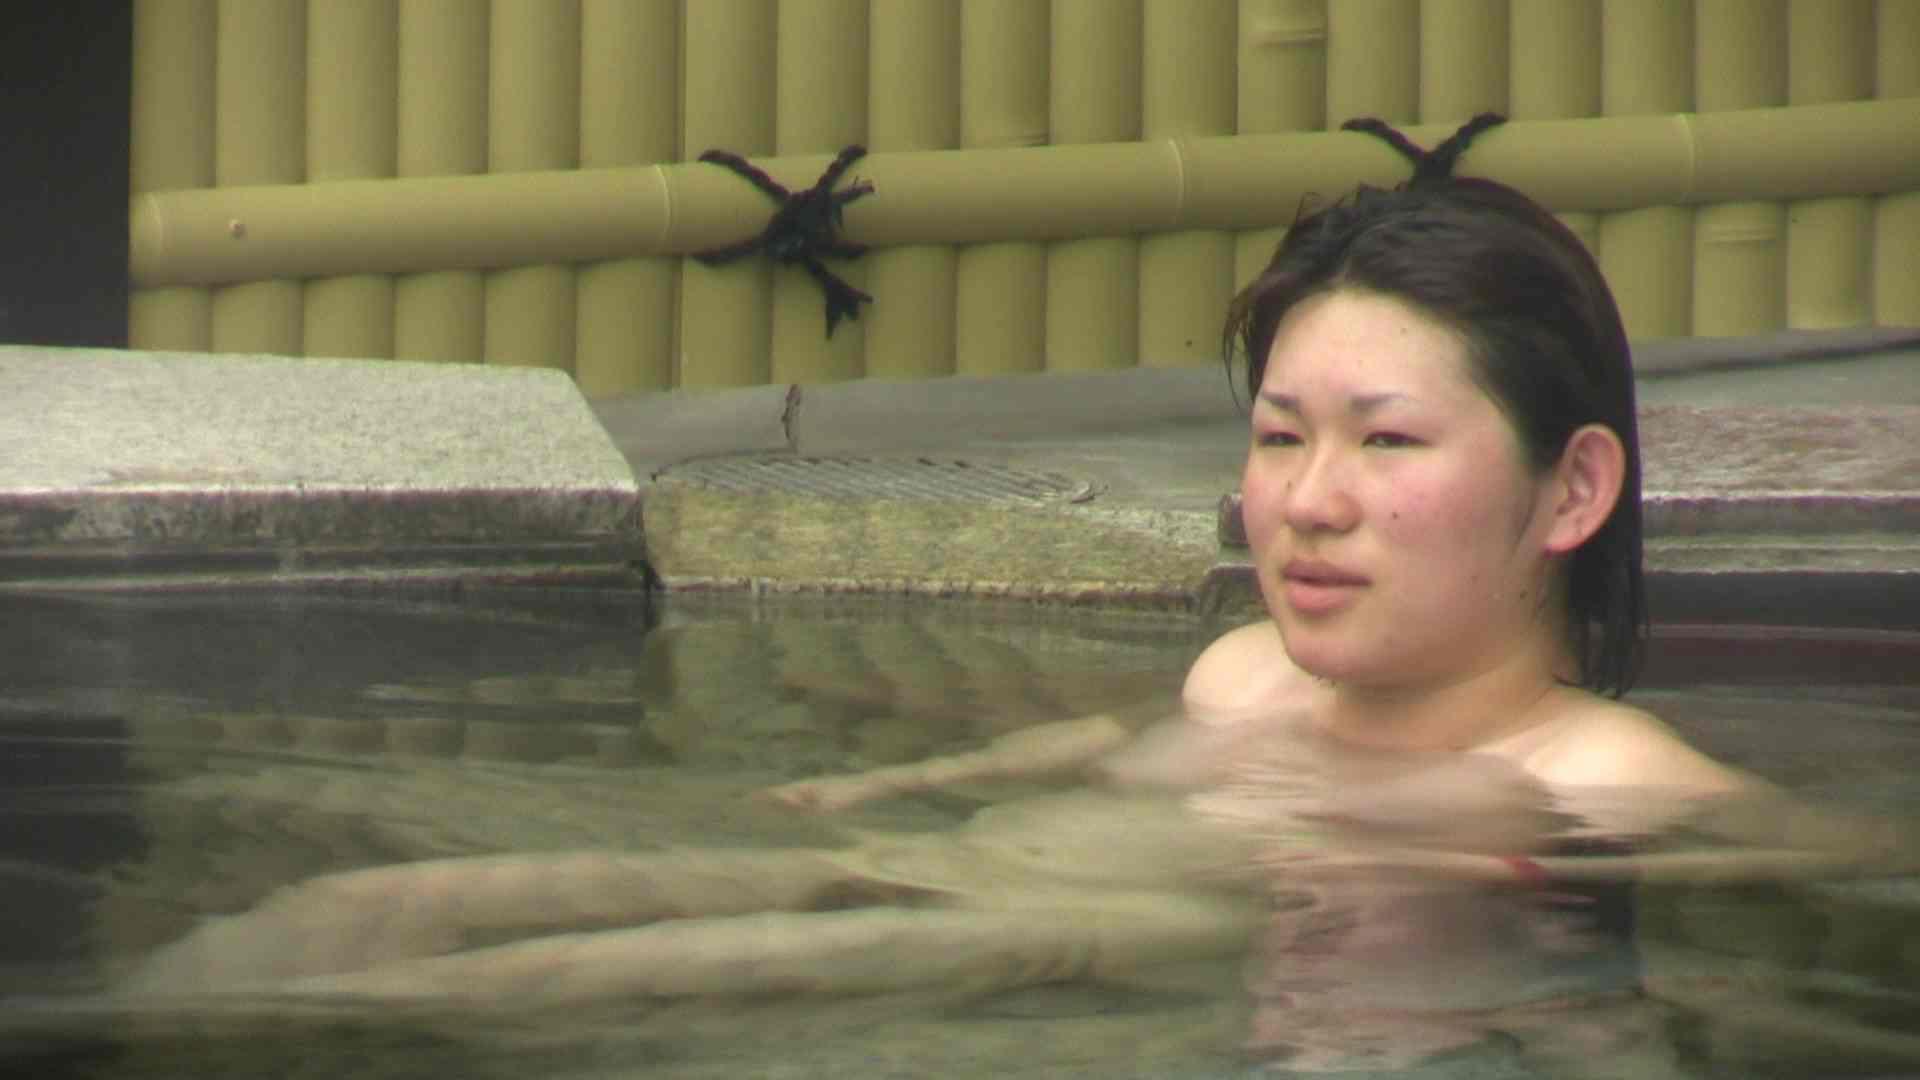 Aquaな露天風呂Vol.673 0  91pic 70